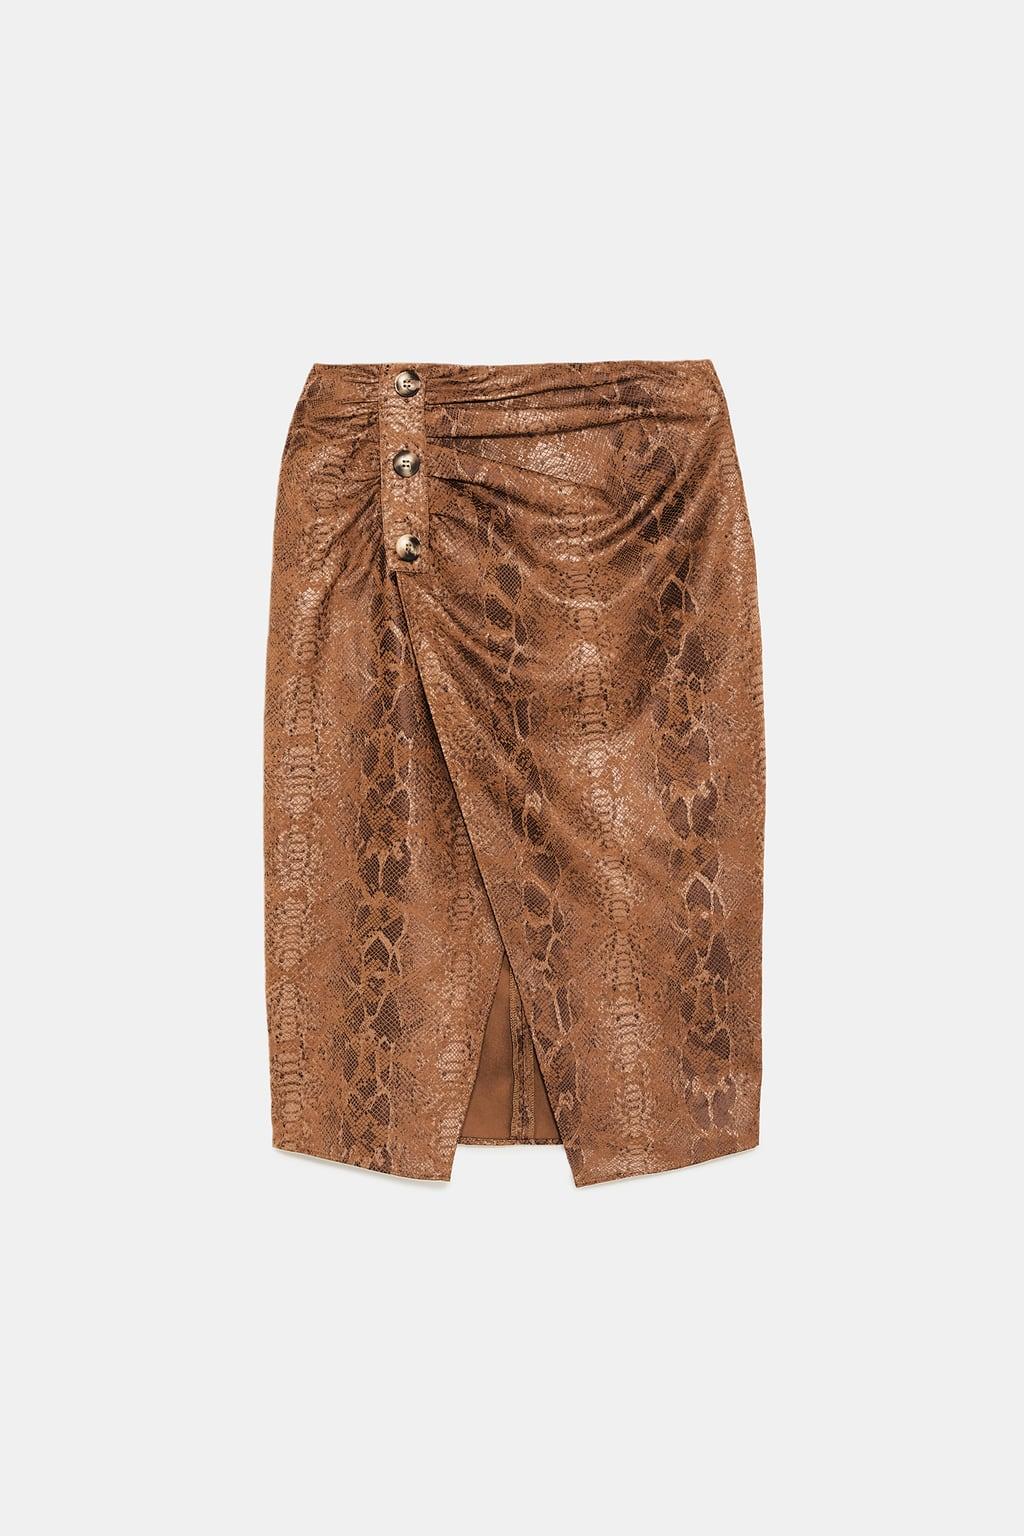 snakeskin skirt.jpg